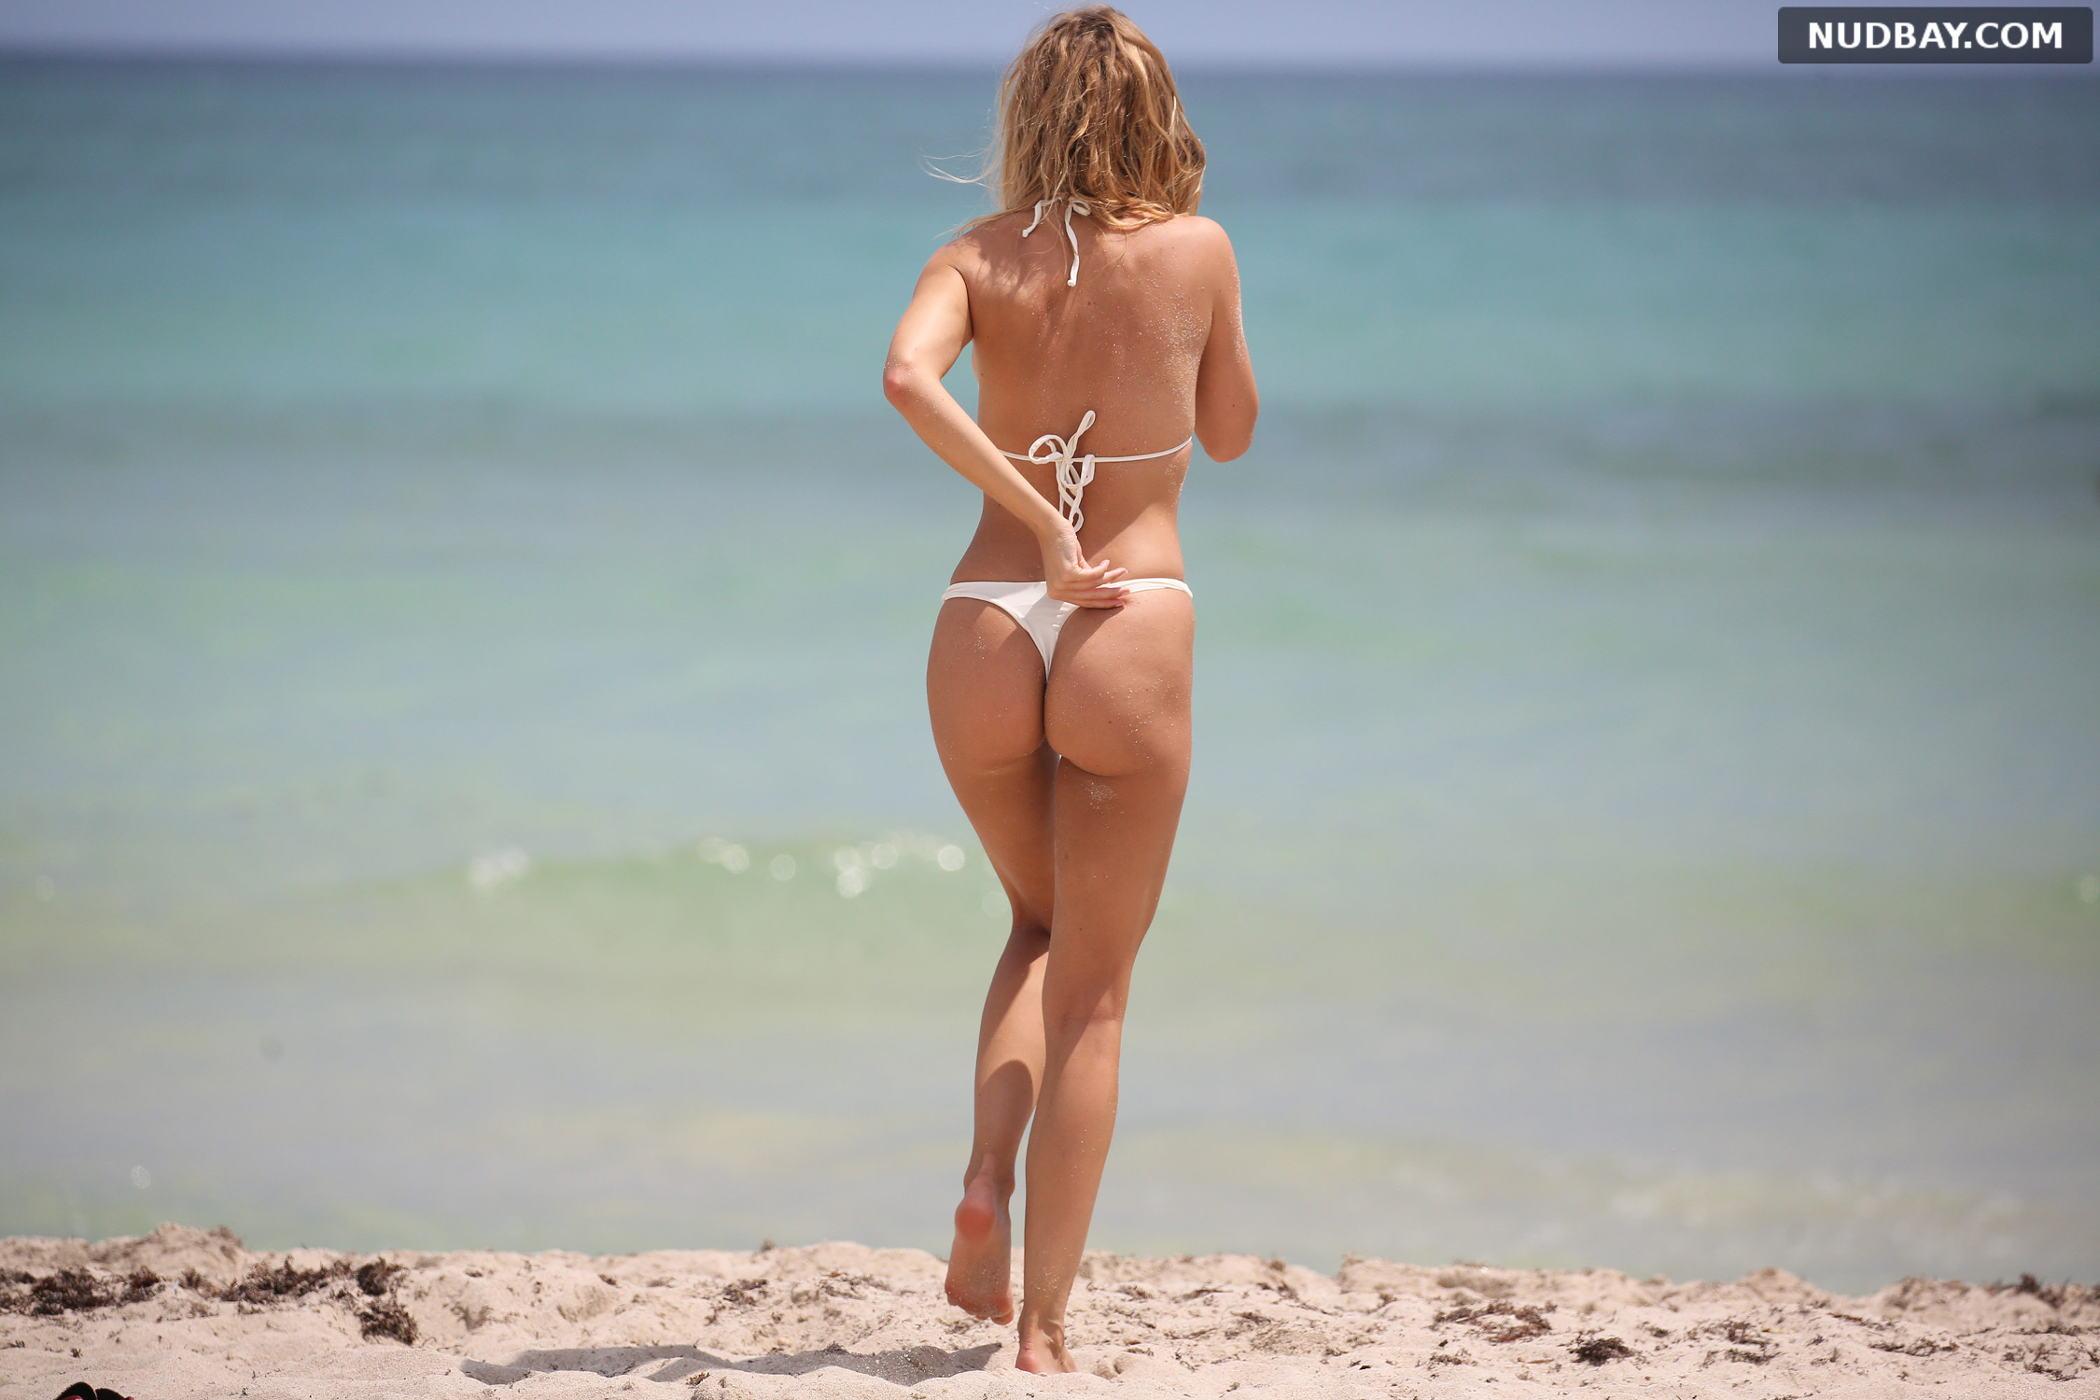 Kimberley Garner Ass bikini on the beach in Miami Apr 02 2019